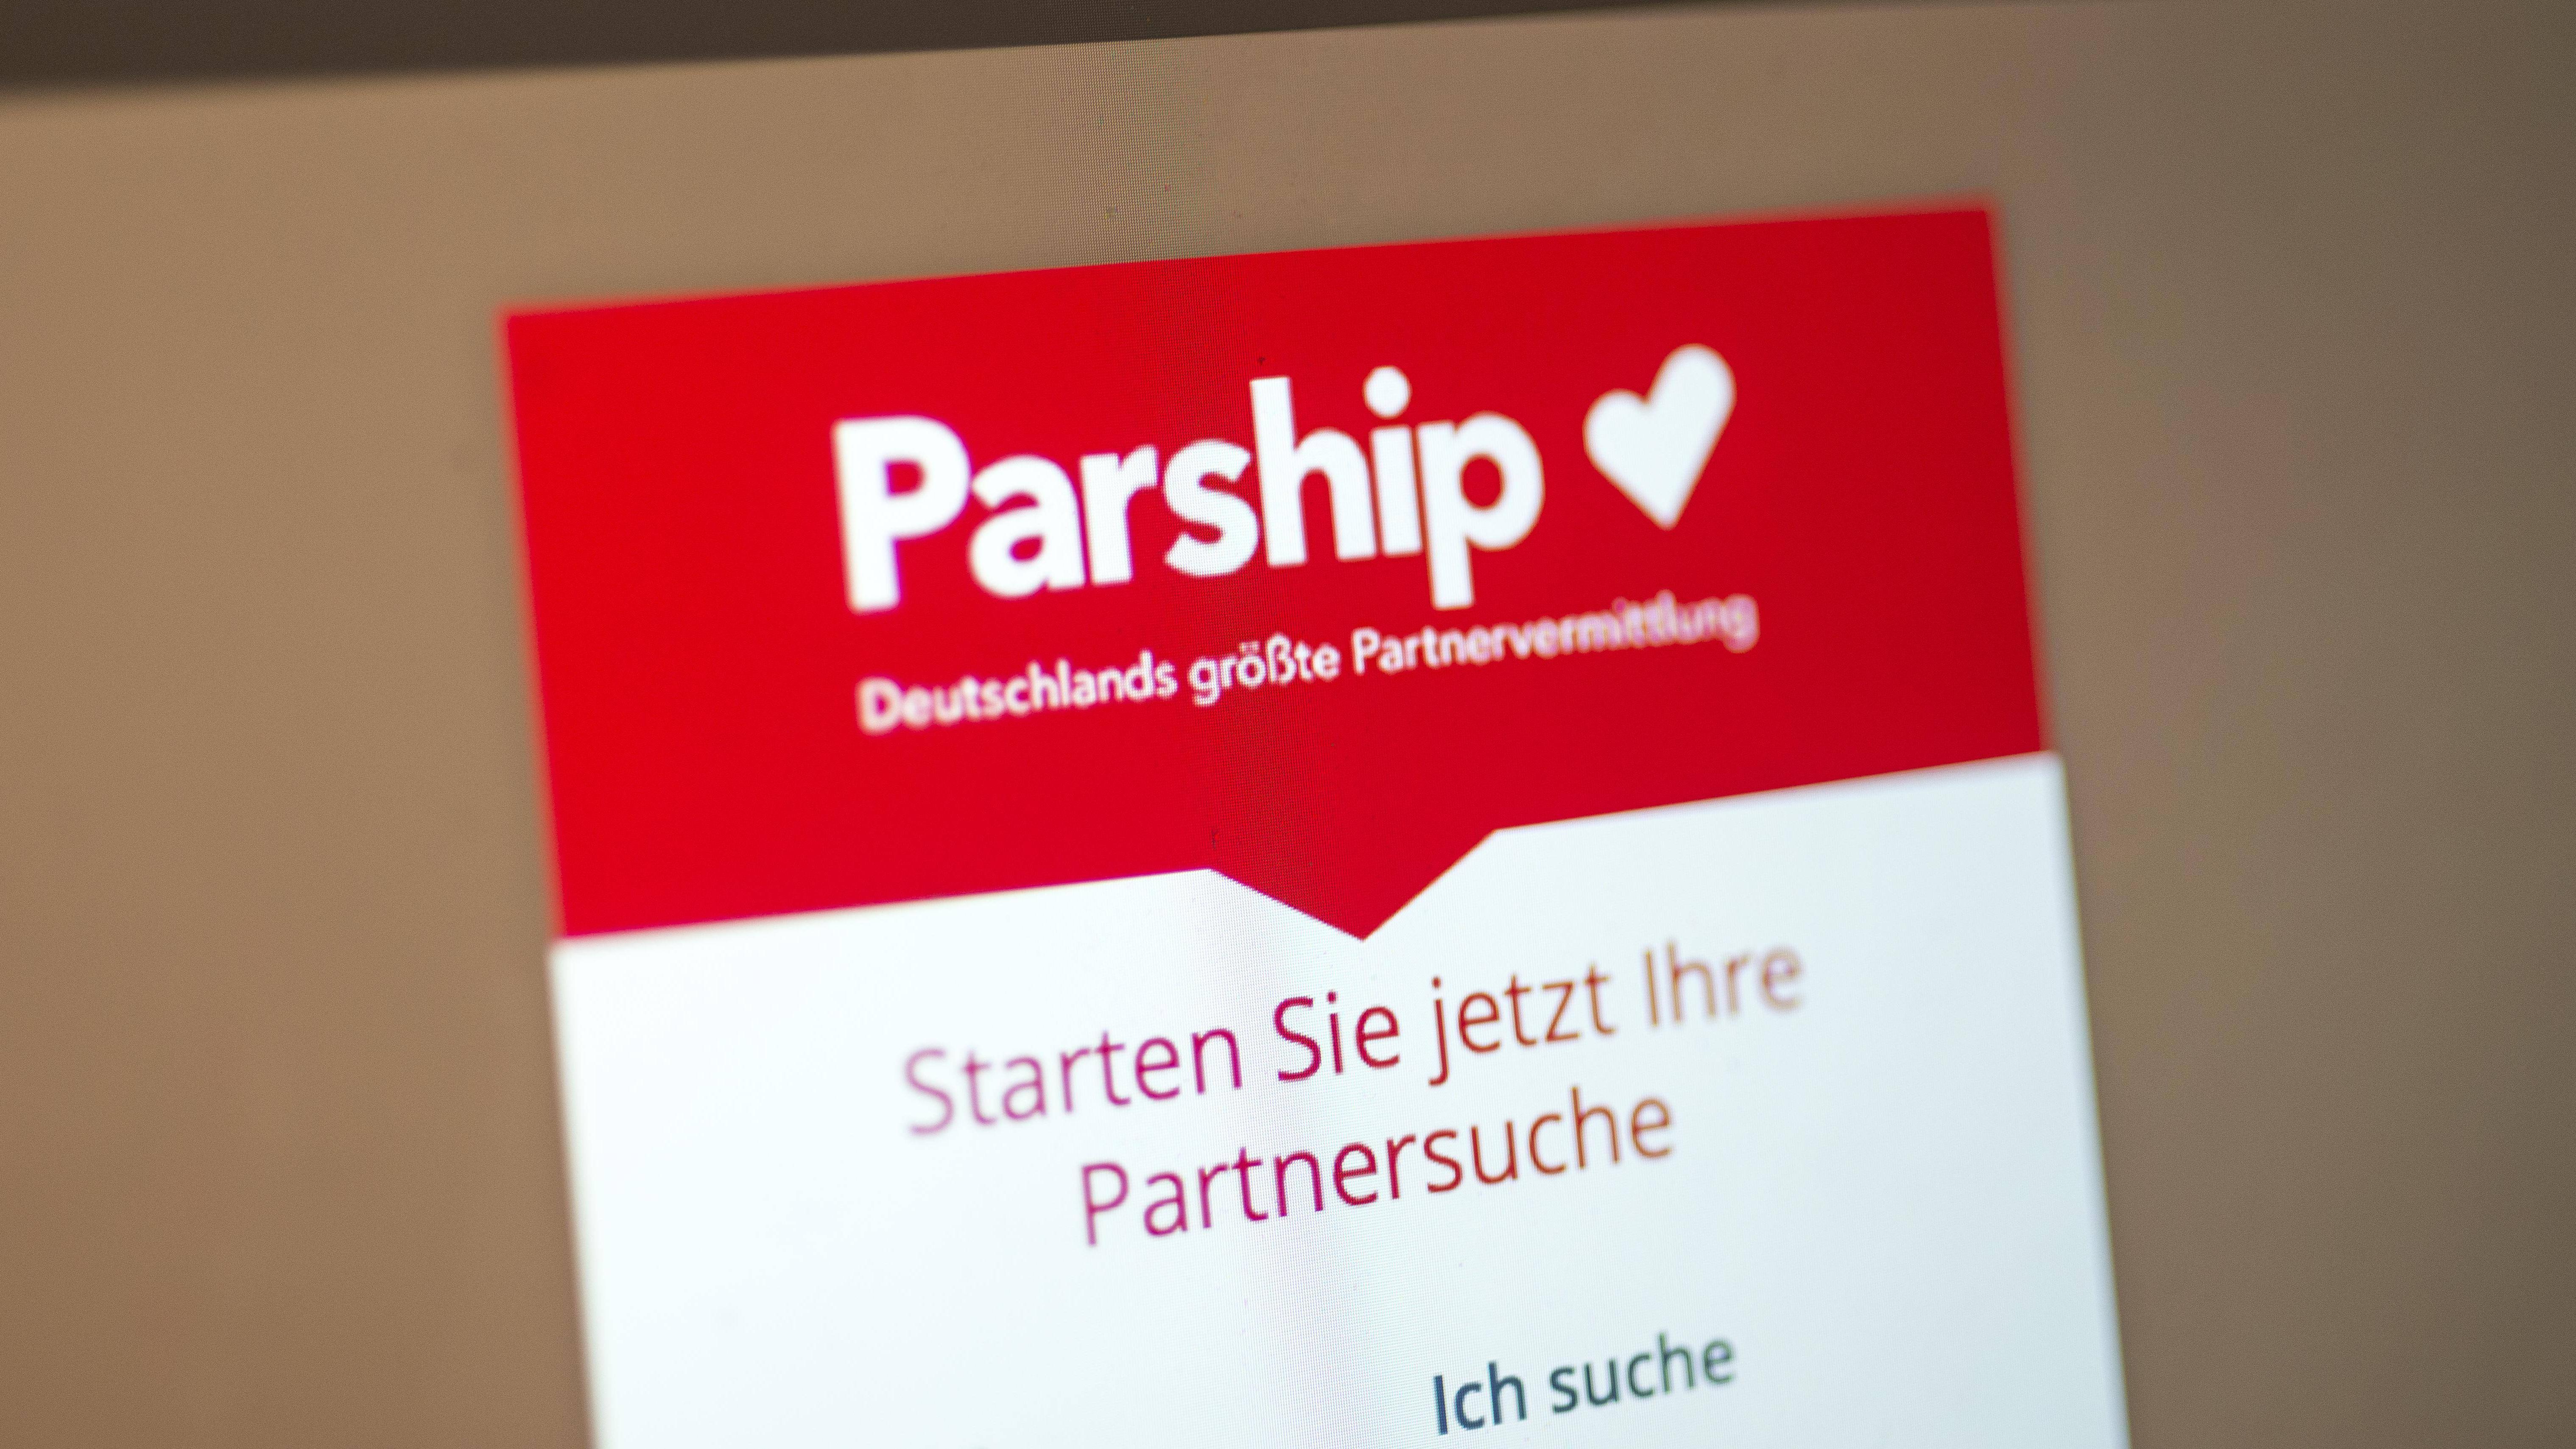 Wie funktioniert Parship? Einfach erklärt